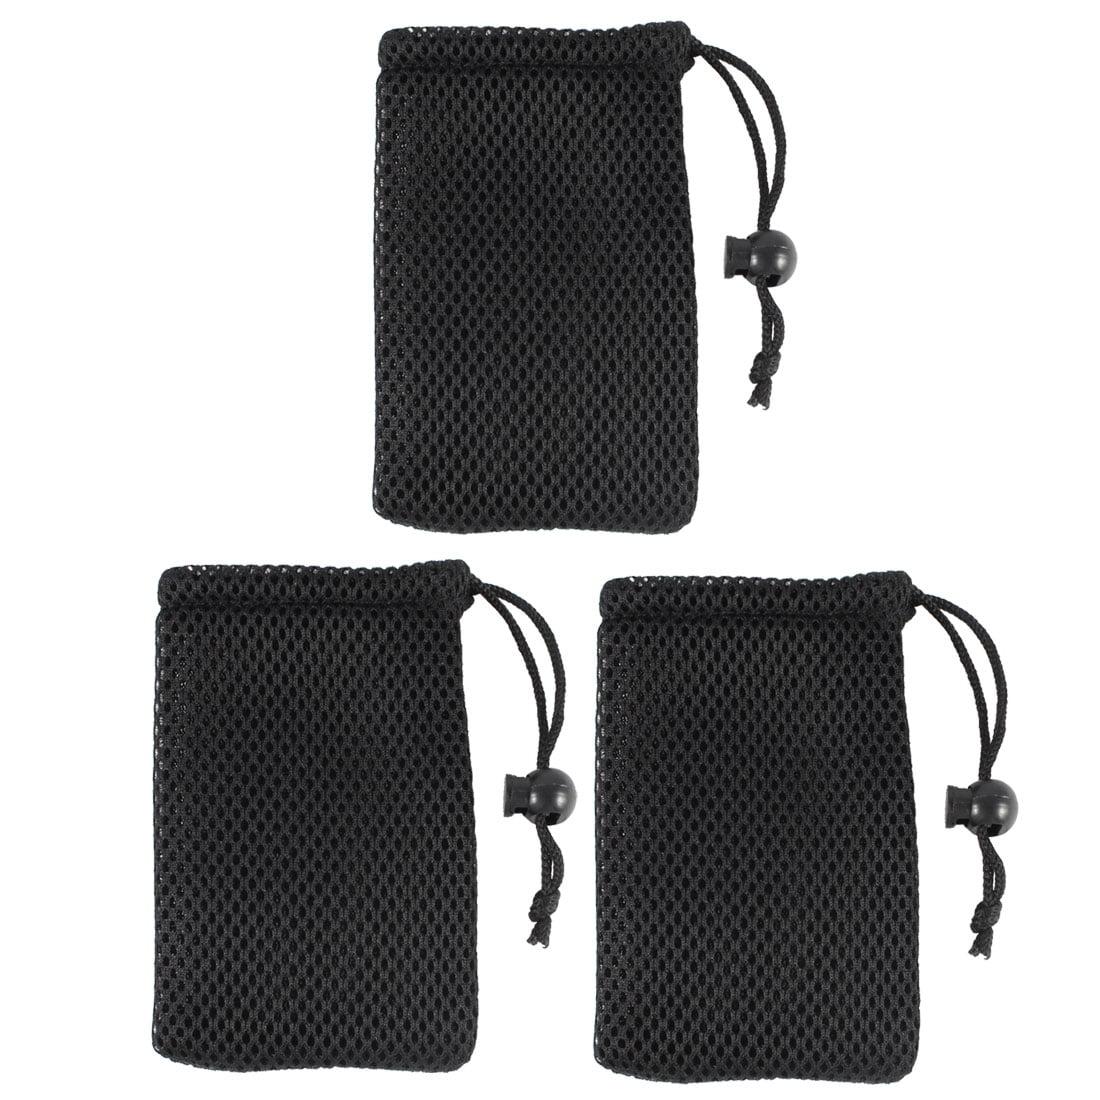 Unique Bargains Black Cell Phone Nylon Mesh Drawstring Pouch Bags 3 Pcs